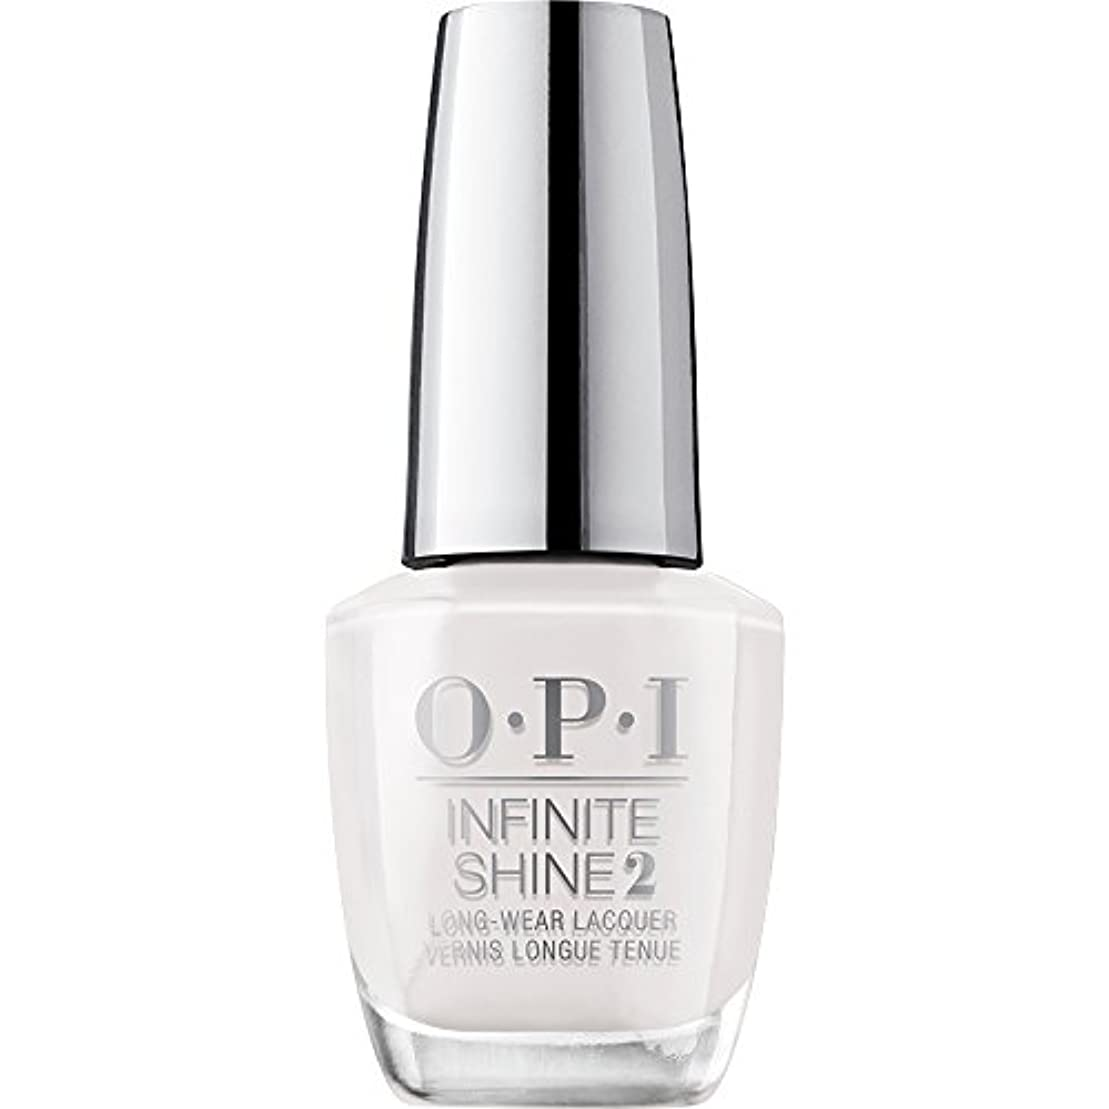 誰リスト定義OPI(オーピーアイ) インフィニット シャイン ISL L26 スージー チェイシィズ ポルトガル